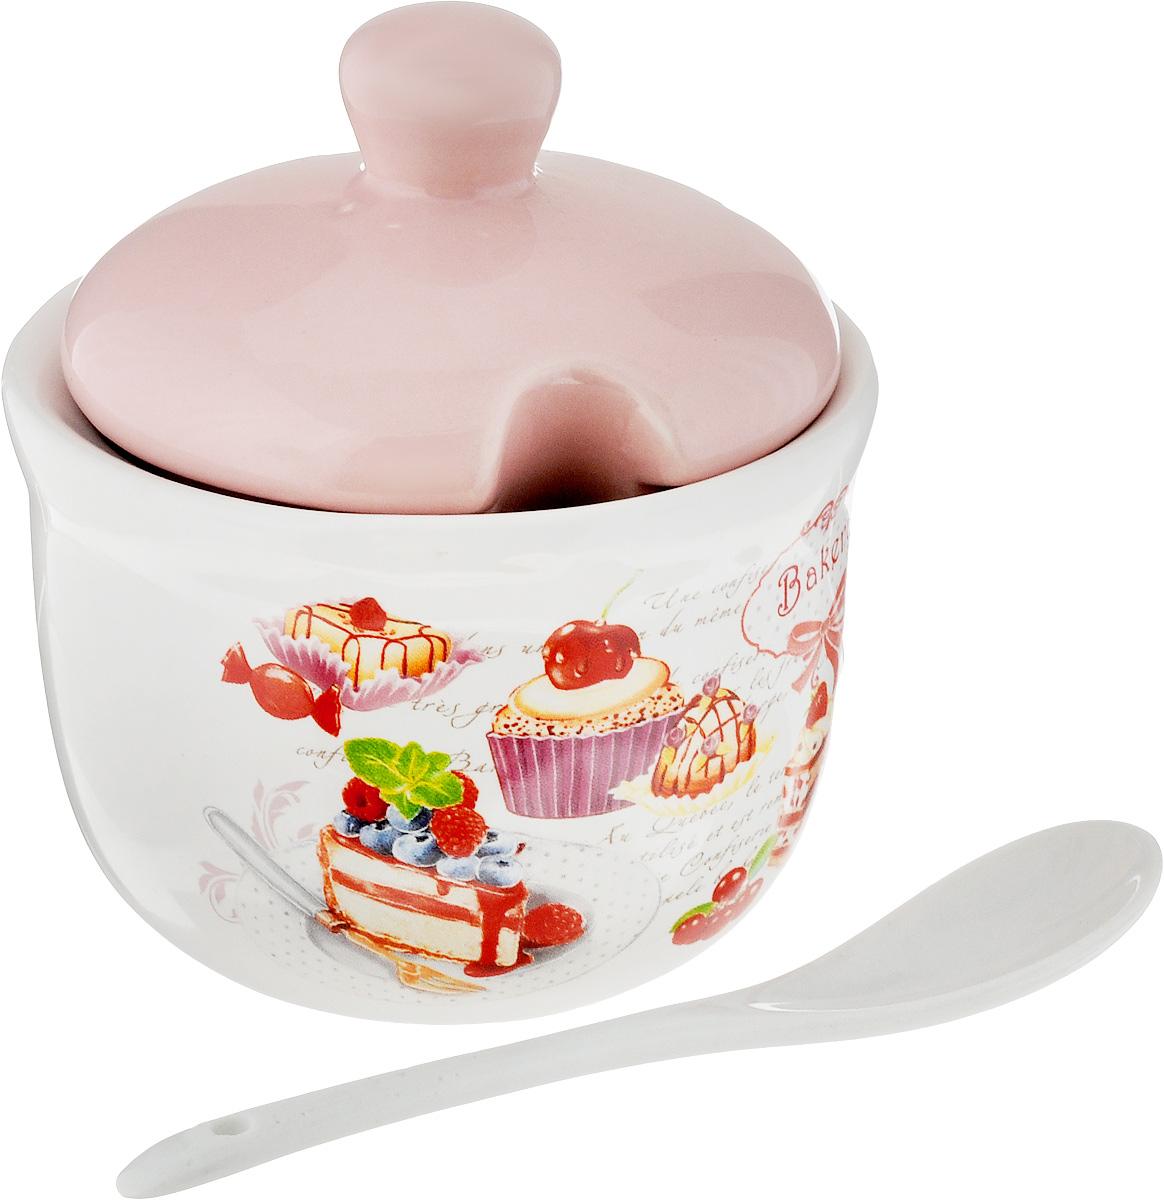 Сахарница ENS Group Бисквит, с ложкой, цвет: розовый, белый, 300 мл, 2 предмета. L3170209L3170209_розовый, белыйСахарница ENS Group Бисквит с крышкой и ложкой изготовлена из керамики и украшена ярким рисунком. Емкость универсальна, подойдет как для сахара, так и для специй или меда. Высота (без учета крышки): 7 см. Высота (с крышкой): 10,5 см.